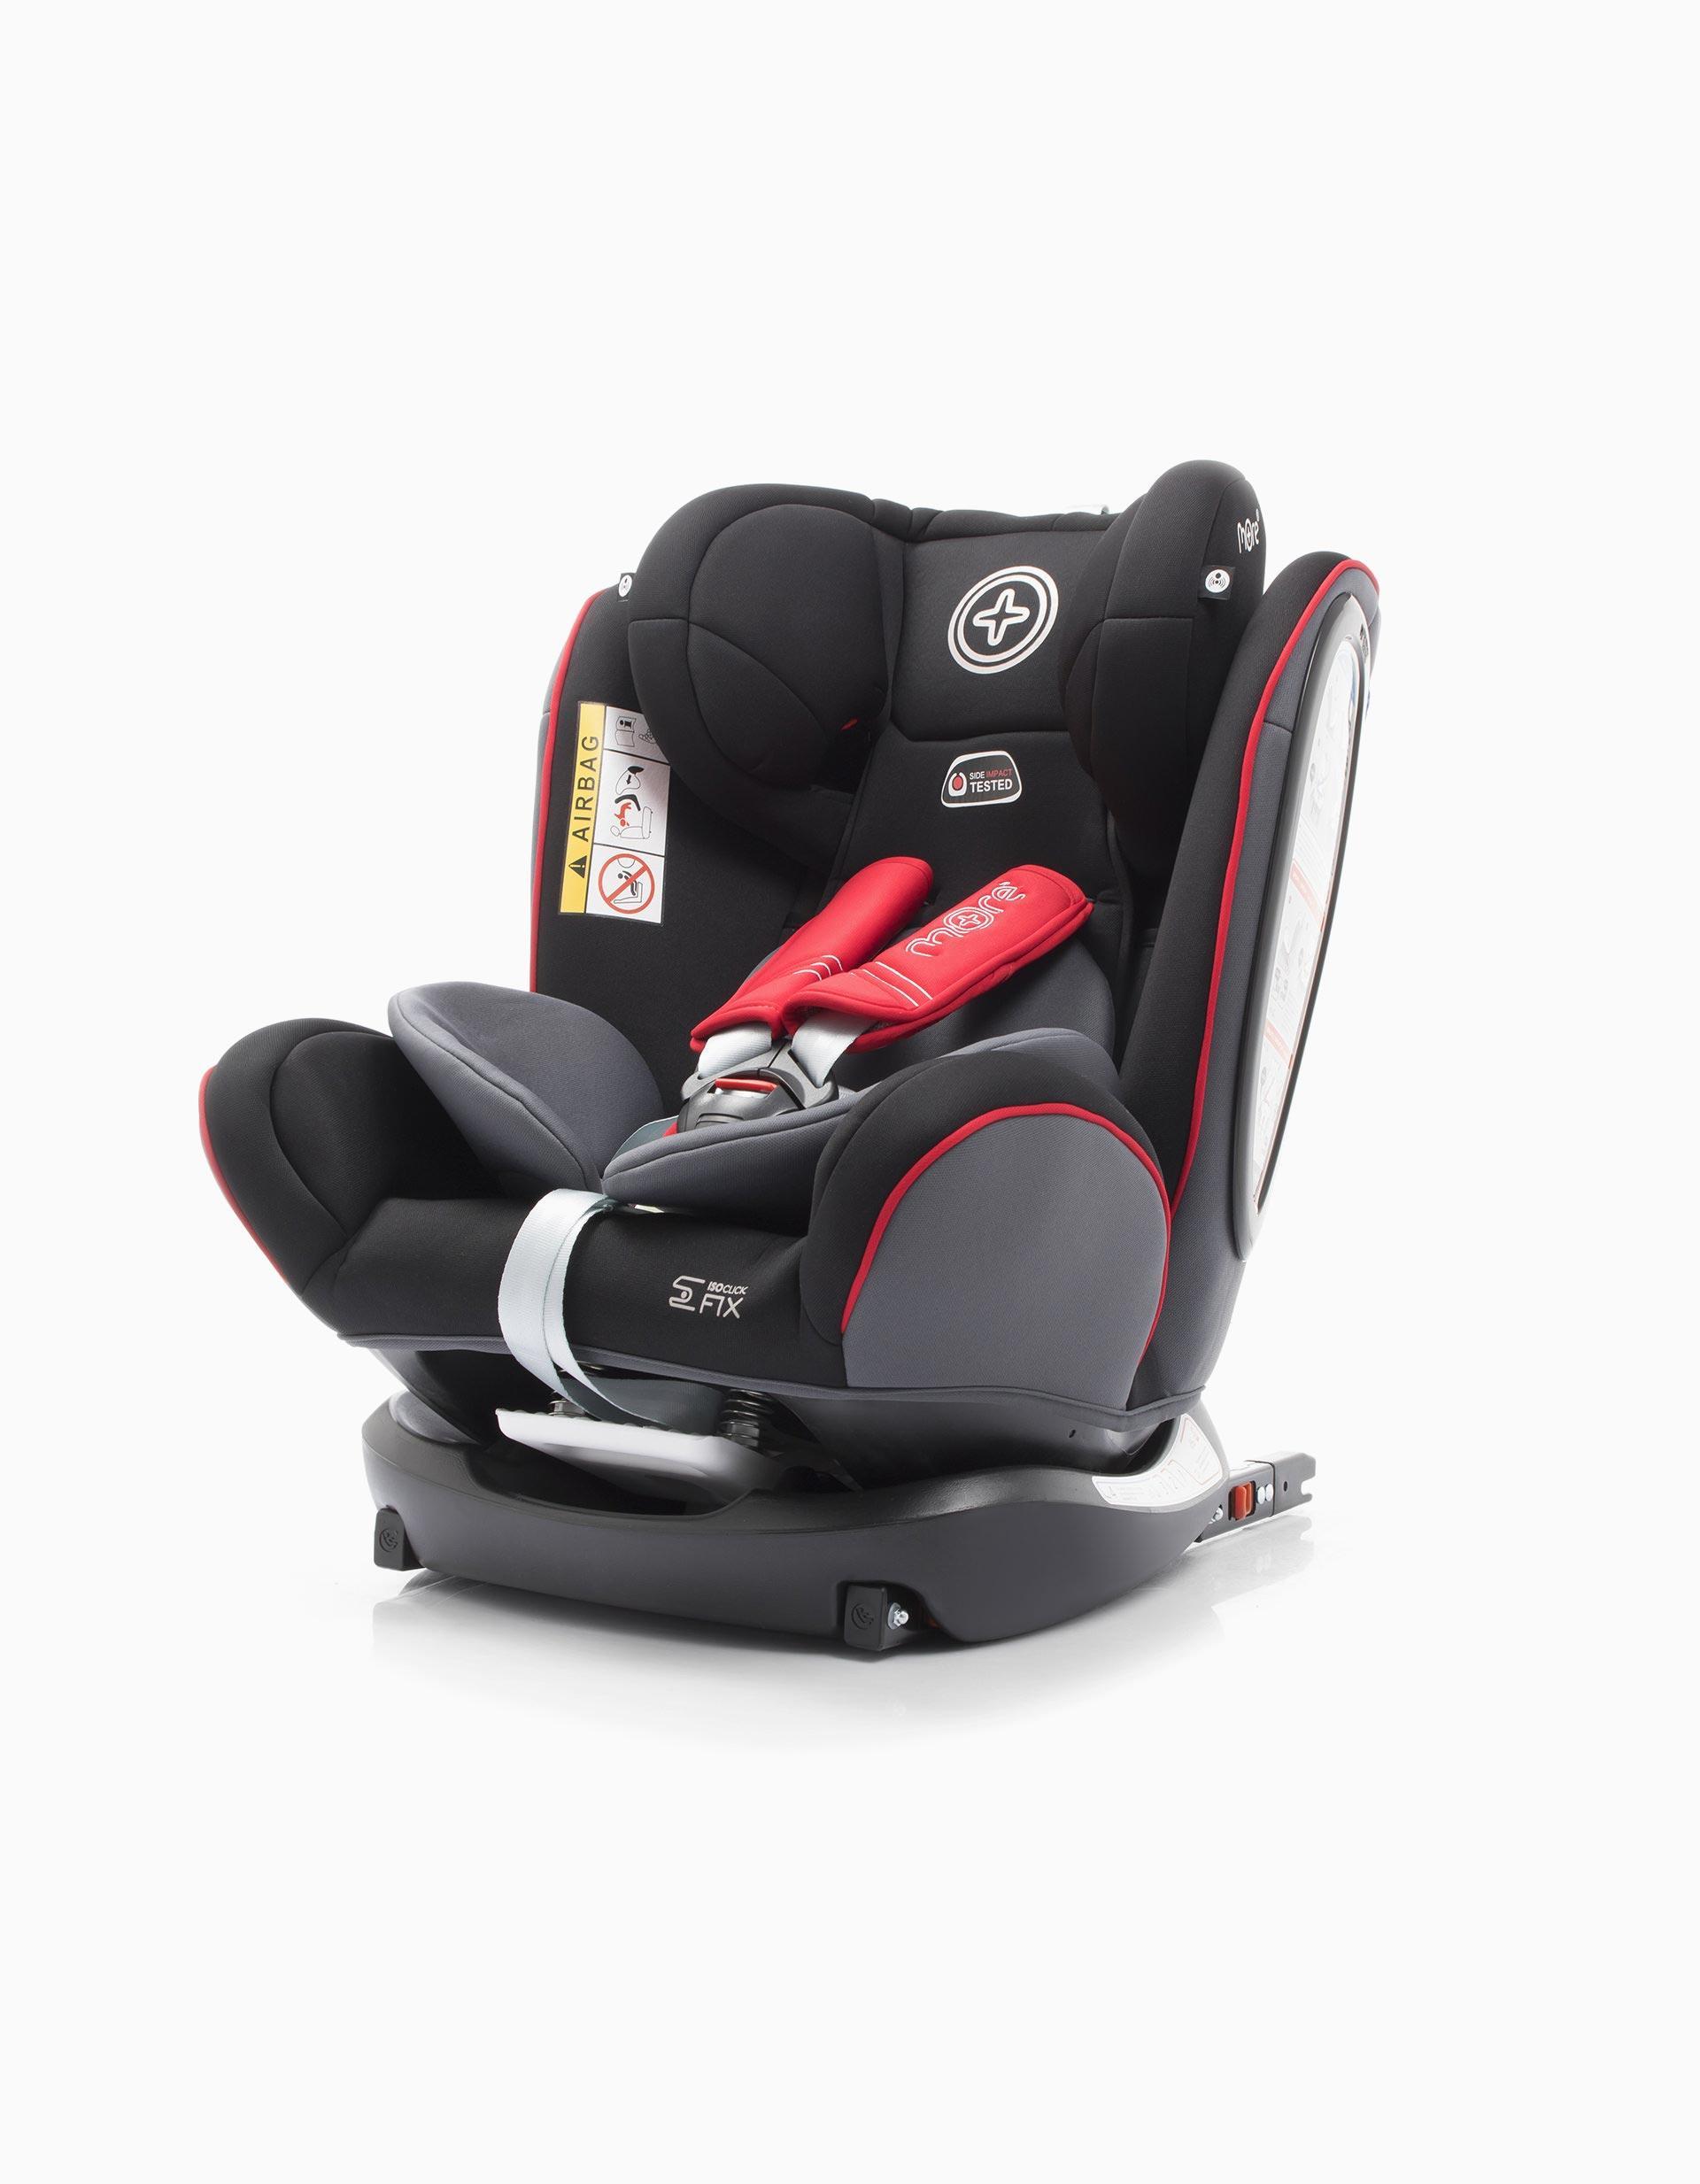 Autositz Kinder Babyauto 8436015311718 8436015311718